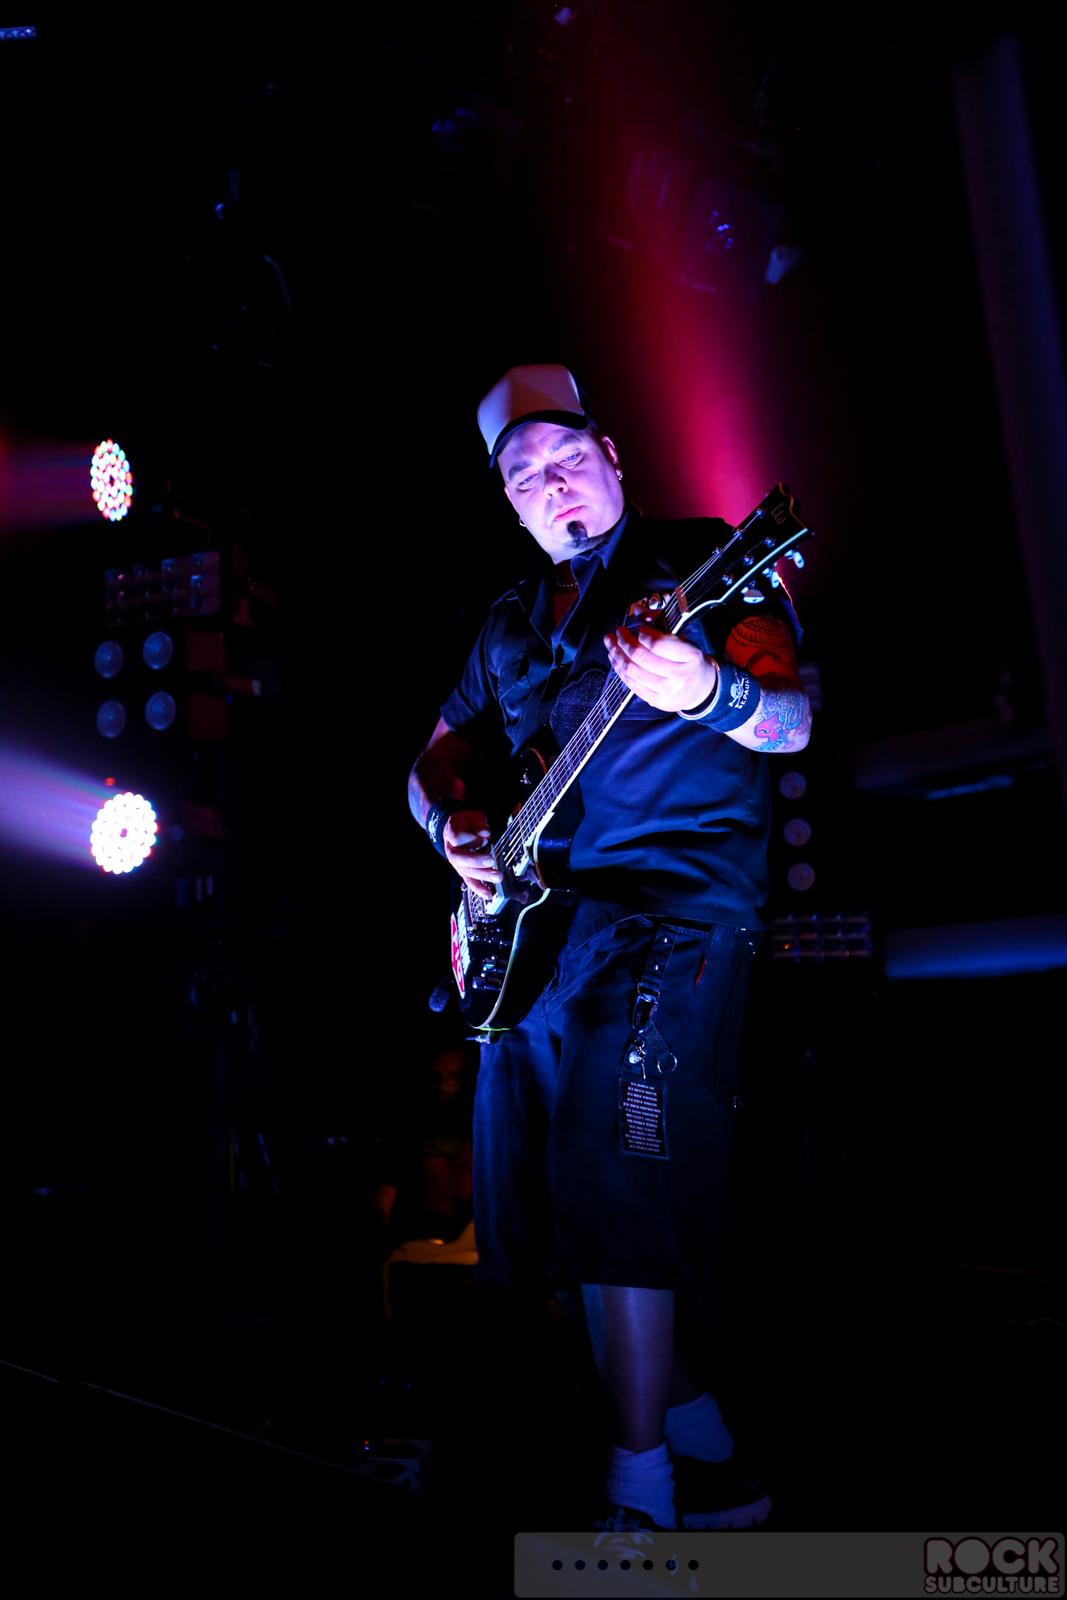 Tohuvabohu - KMFDM | Songs, Reviews, Credits | AllMusic